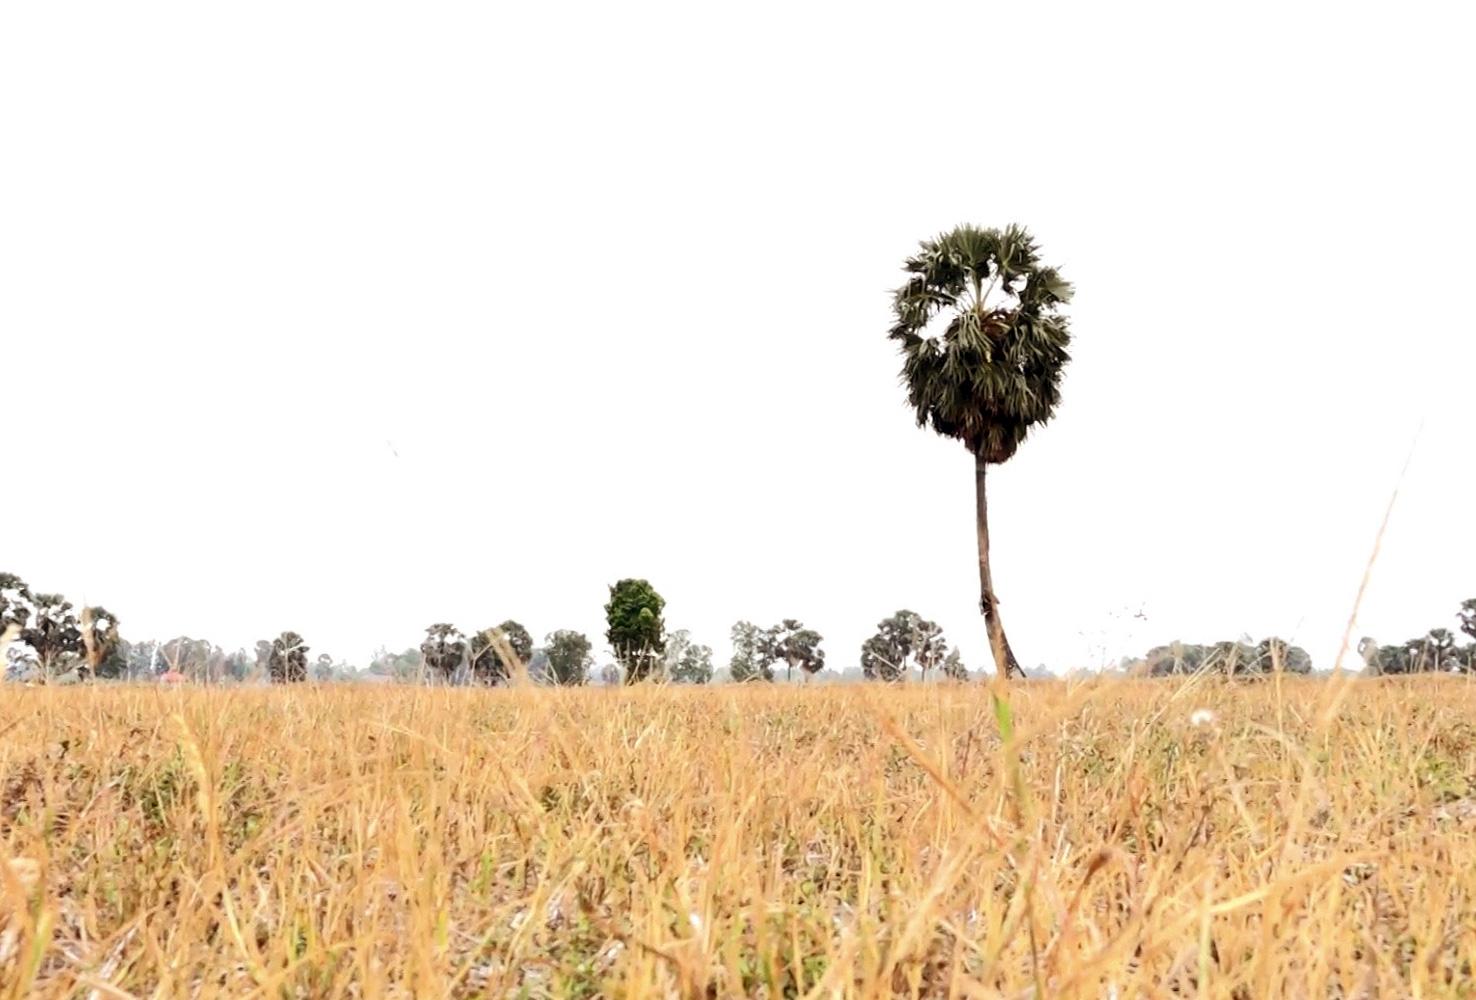 Chuyện lạ An Giang: Giếng nước tự nhiên giữa cánh đồng quanh năm cho nước ngọt - Ảnh 2.